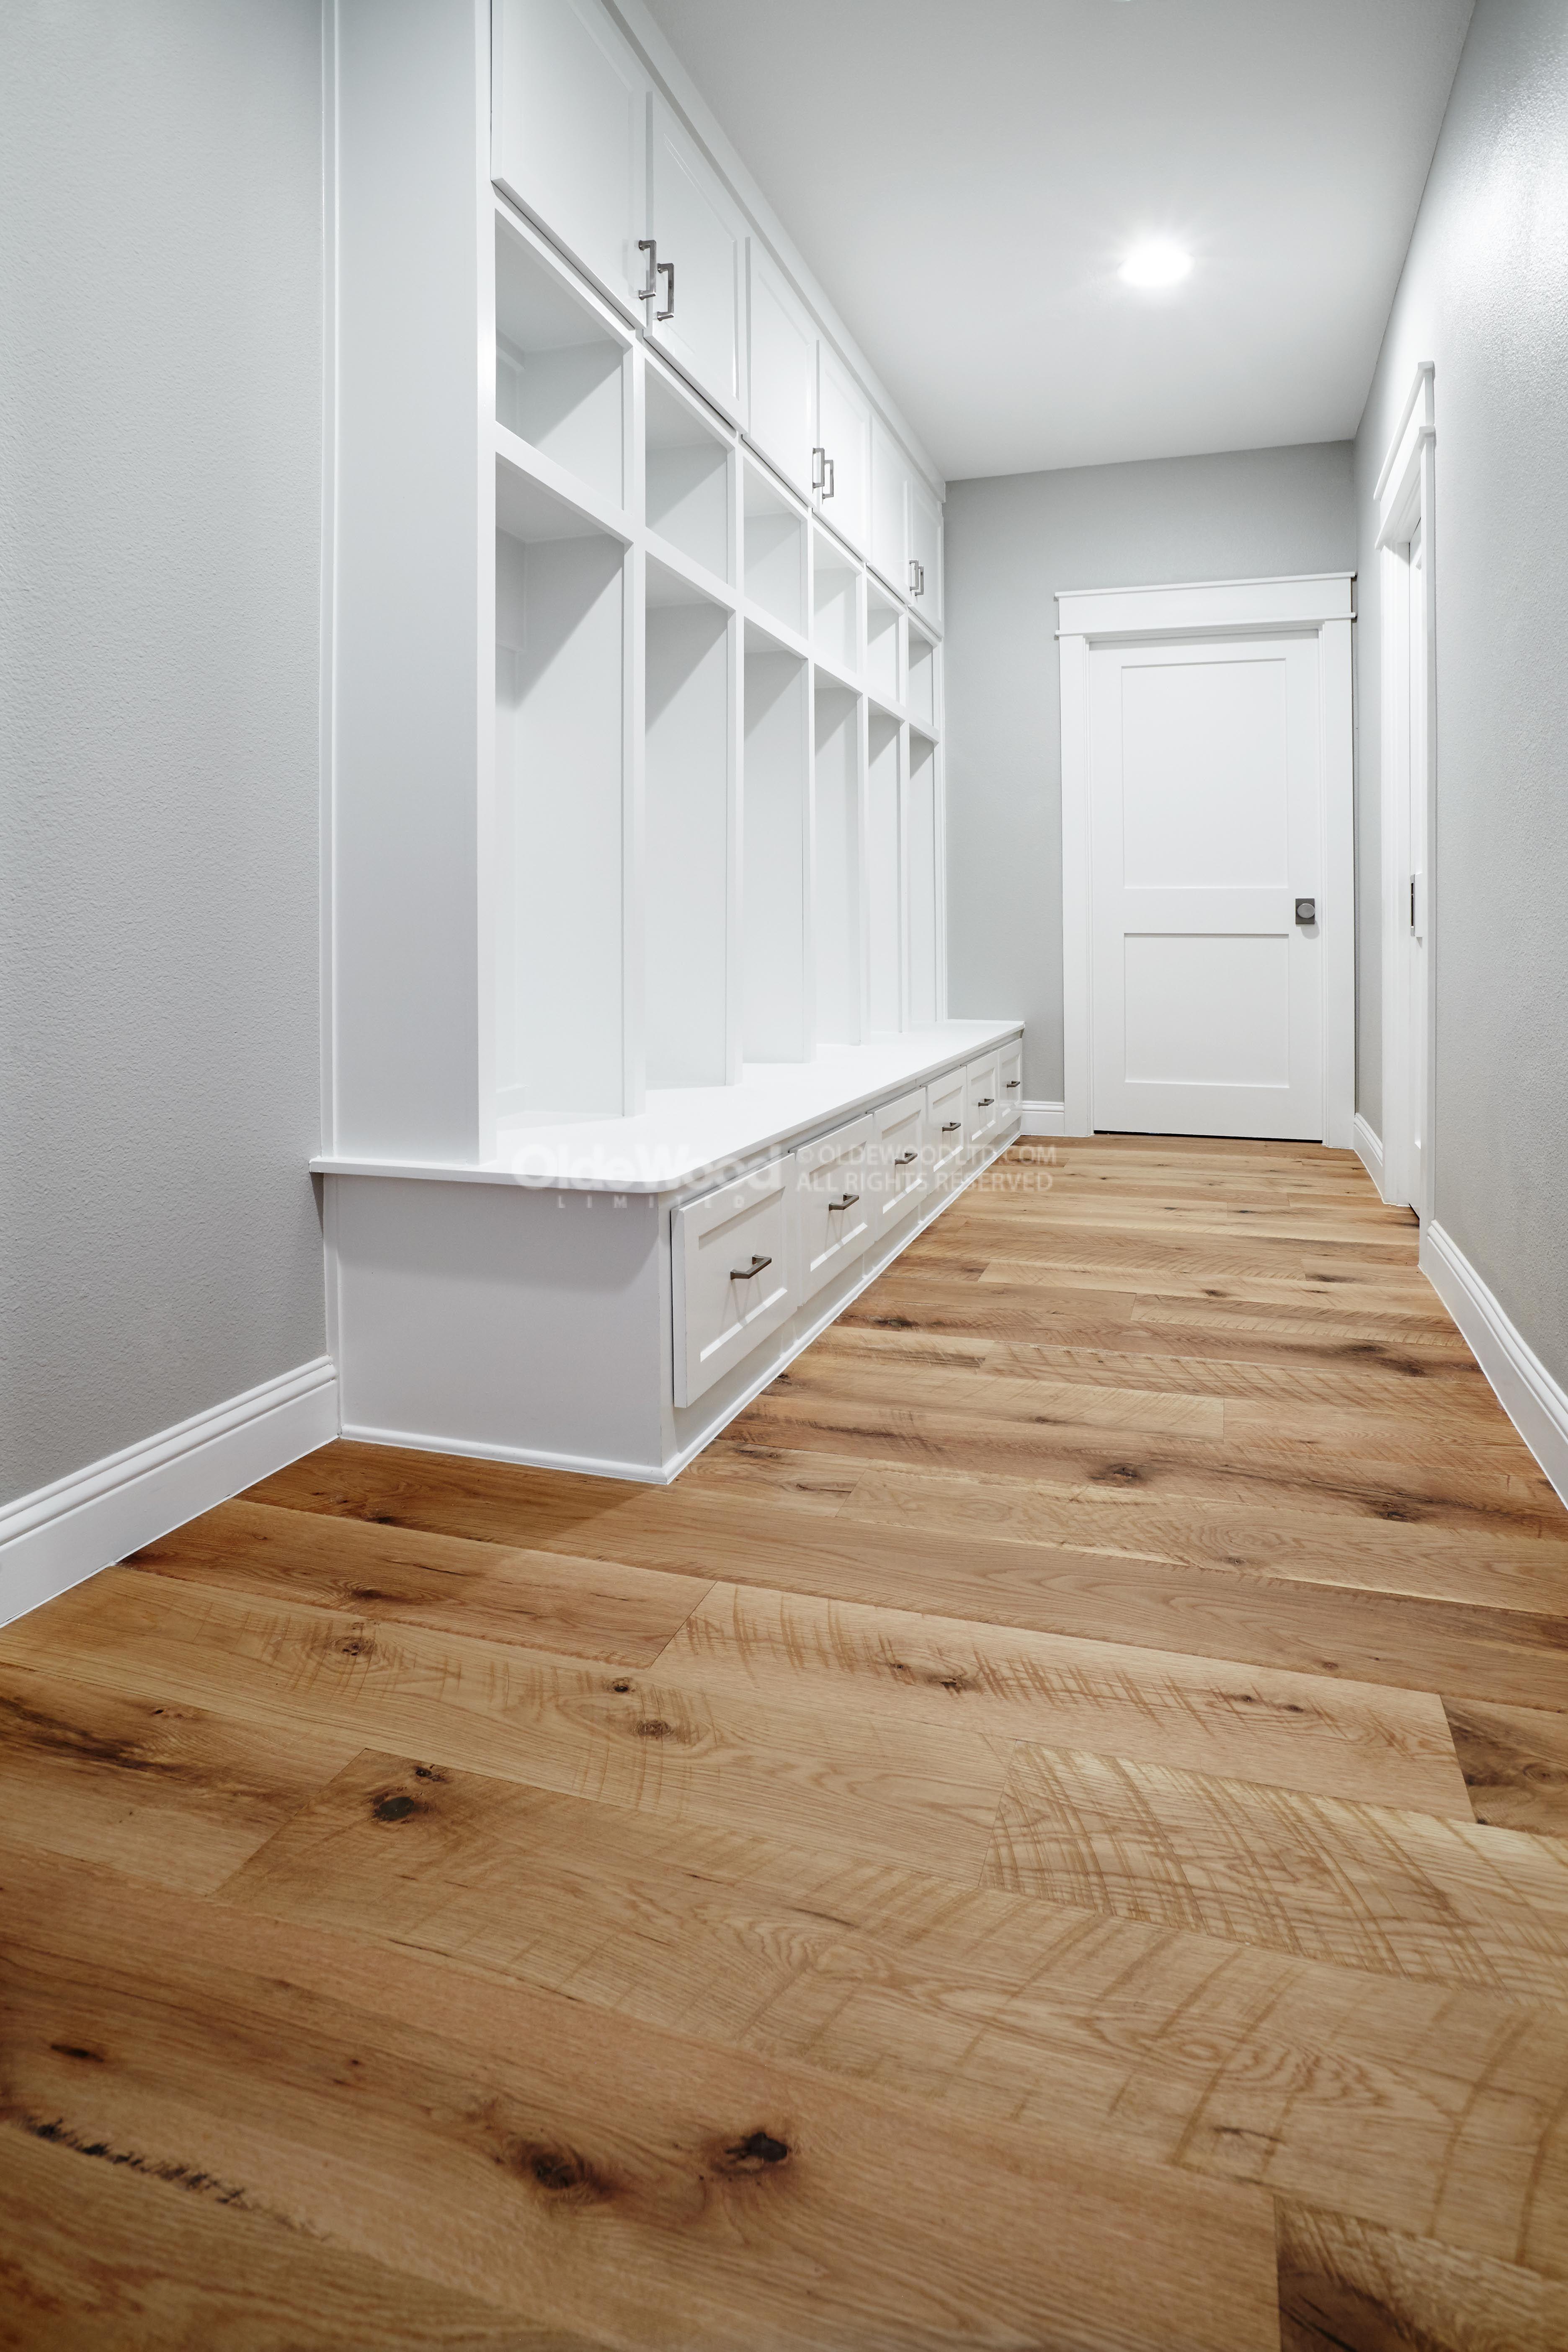 Photos Of Hardwood Plank Floors Olde Wood Ltd In 2020 Wood Floors Wide Plank Hardwood Plank Flooring Reclaimed Hardwood Flooring